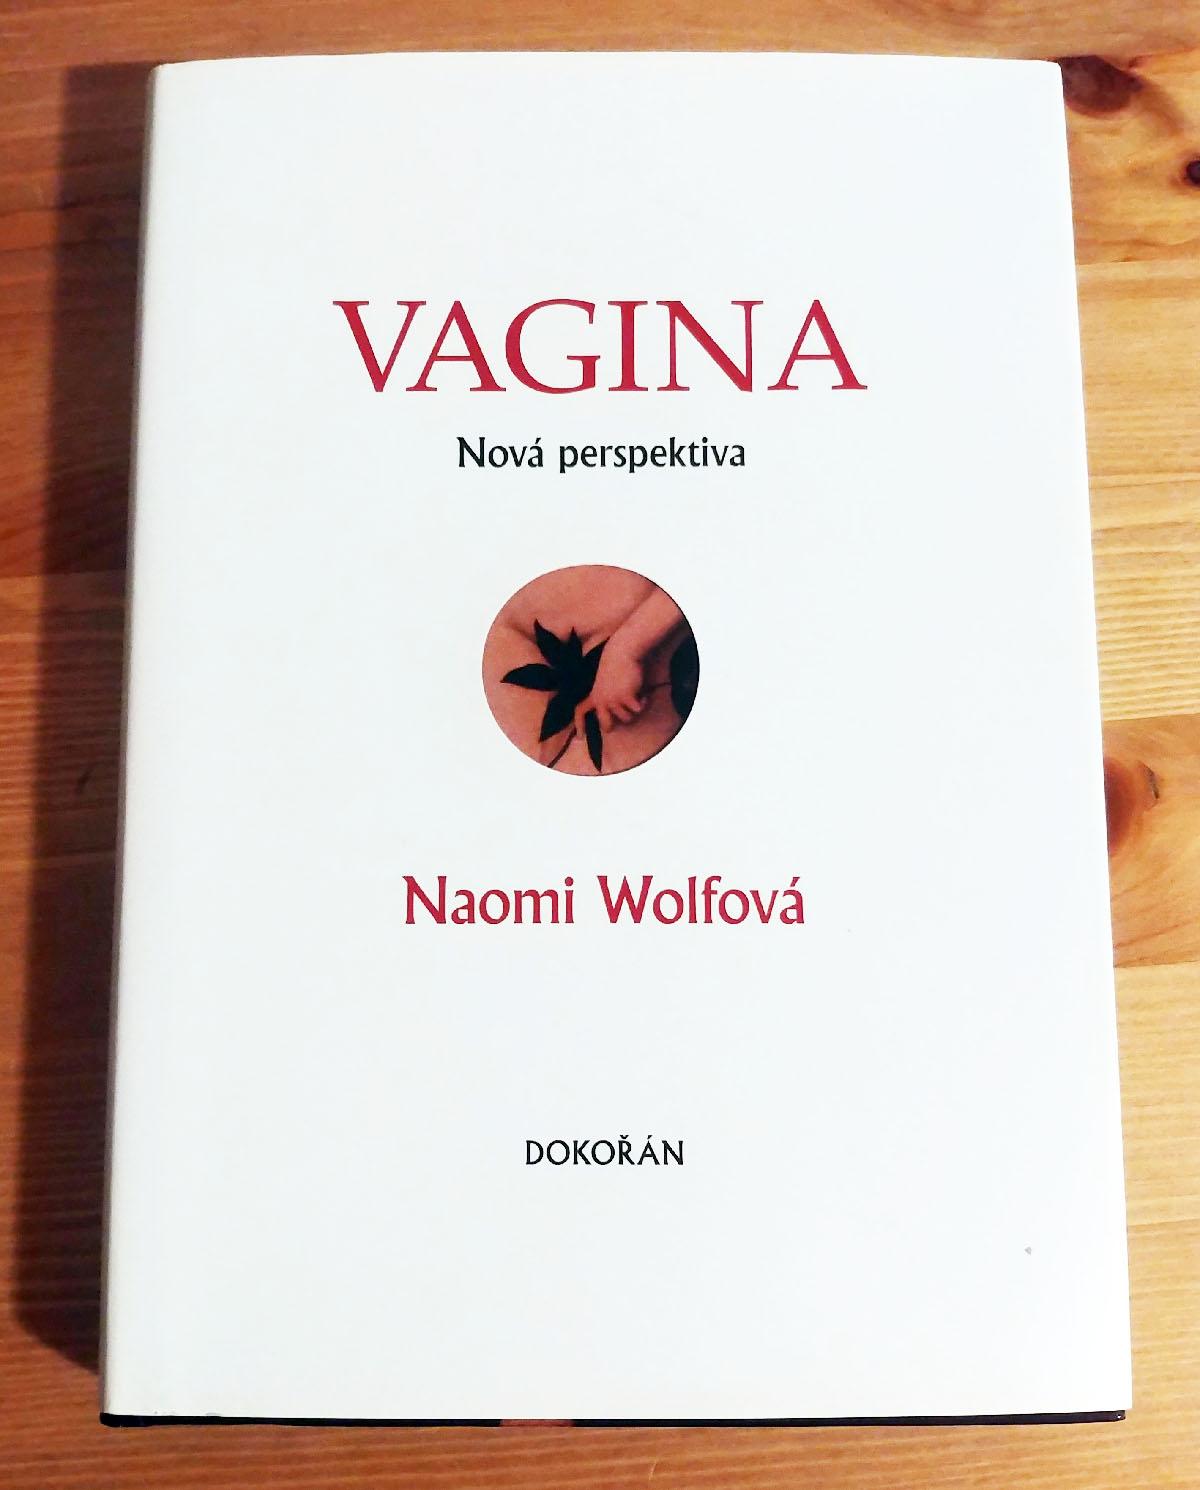 vagina.jpg